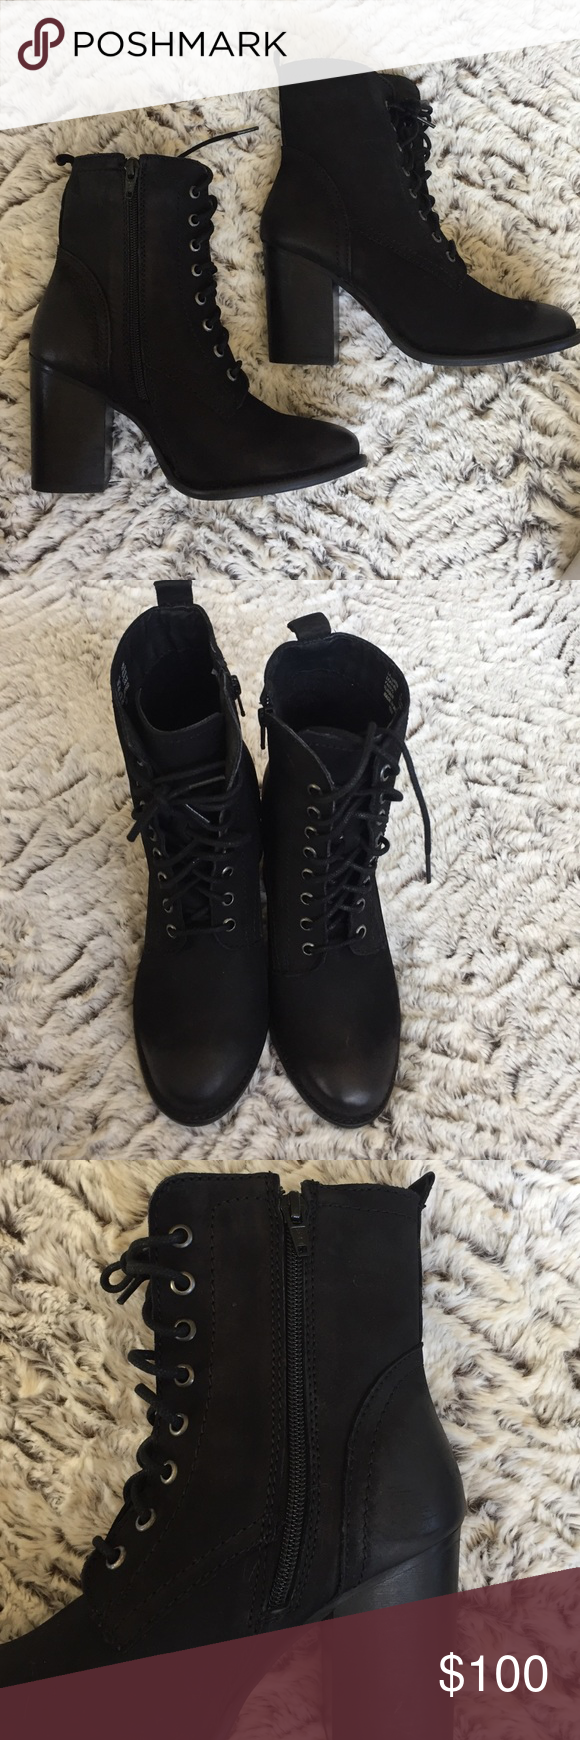 Steve Madden Boot/Heel Shoe Super cute. Brand new in box never been worn. Steve Madden Shoes Heeled Boots